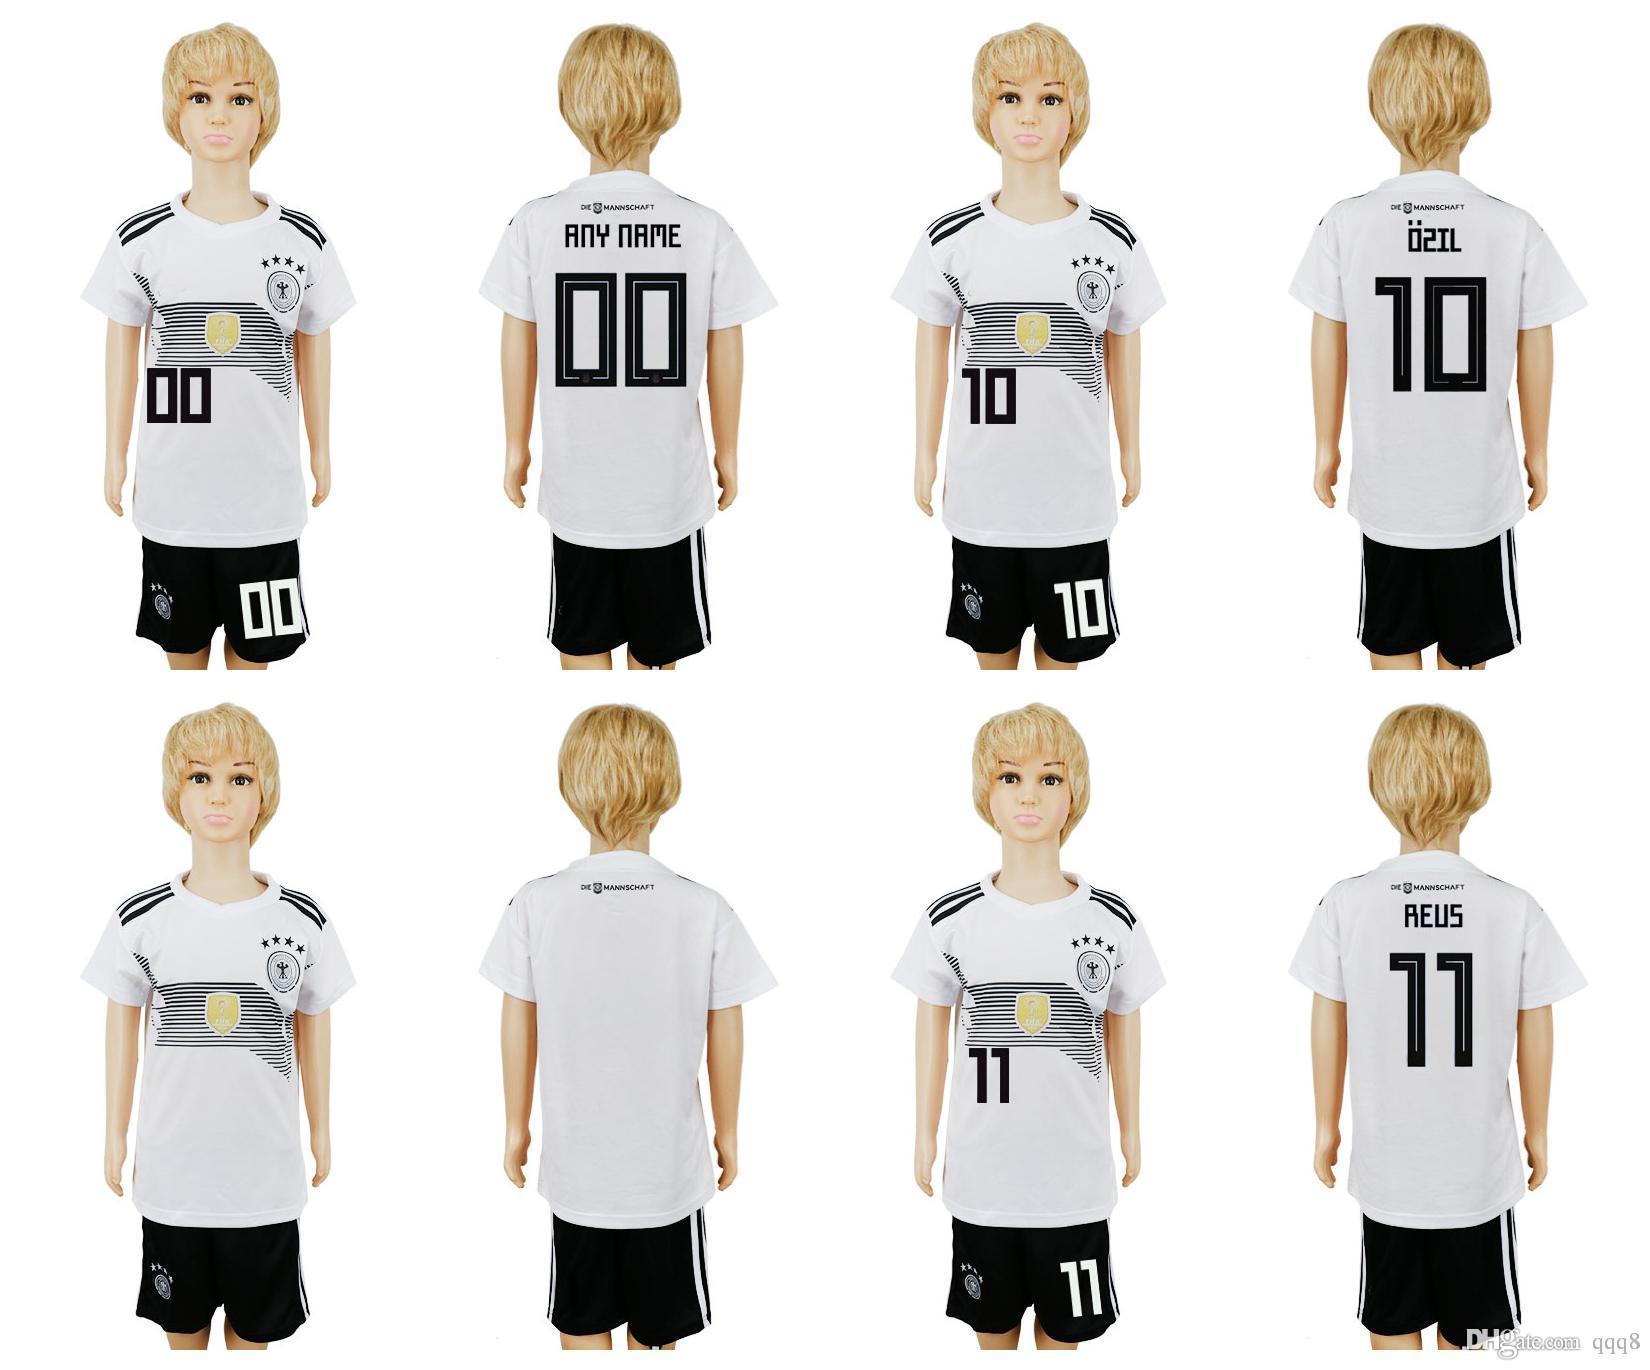 ad2db6d874 Compre 2018 Copa Do Mundo Alemanha Soccer Jersey Kids Kit 2018 Alemanha  Home Camisas De Futebol Branco OZIL REUS Criança Camisas De Futebol  Uniforme Jersey ...